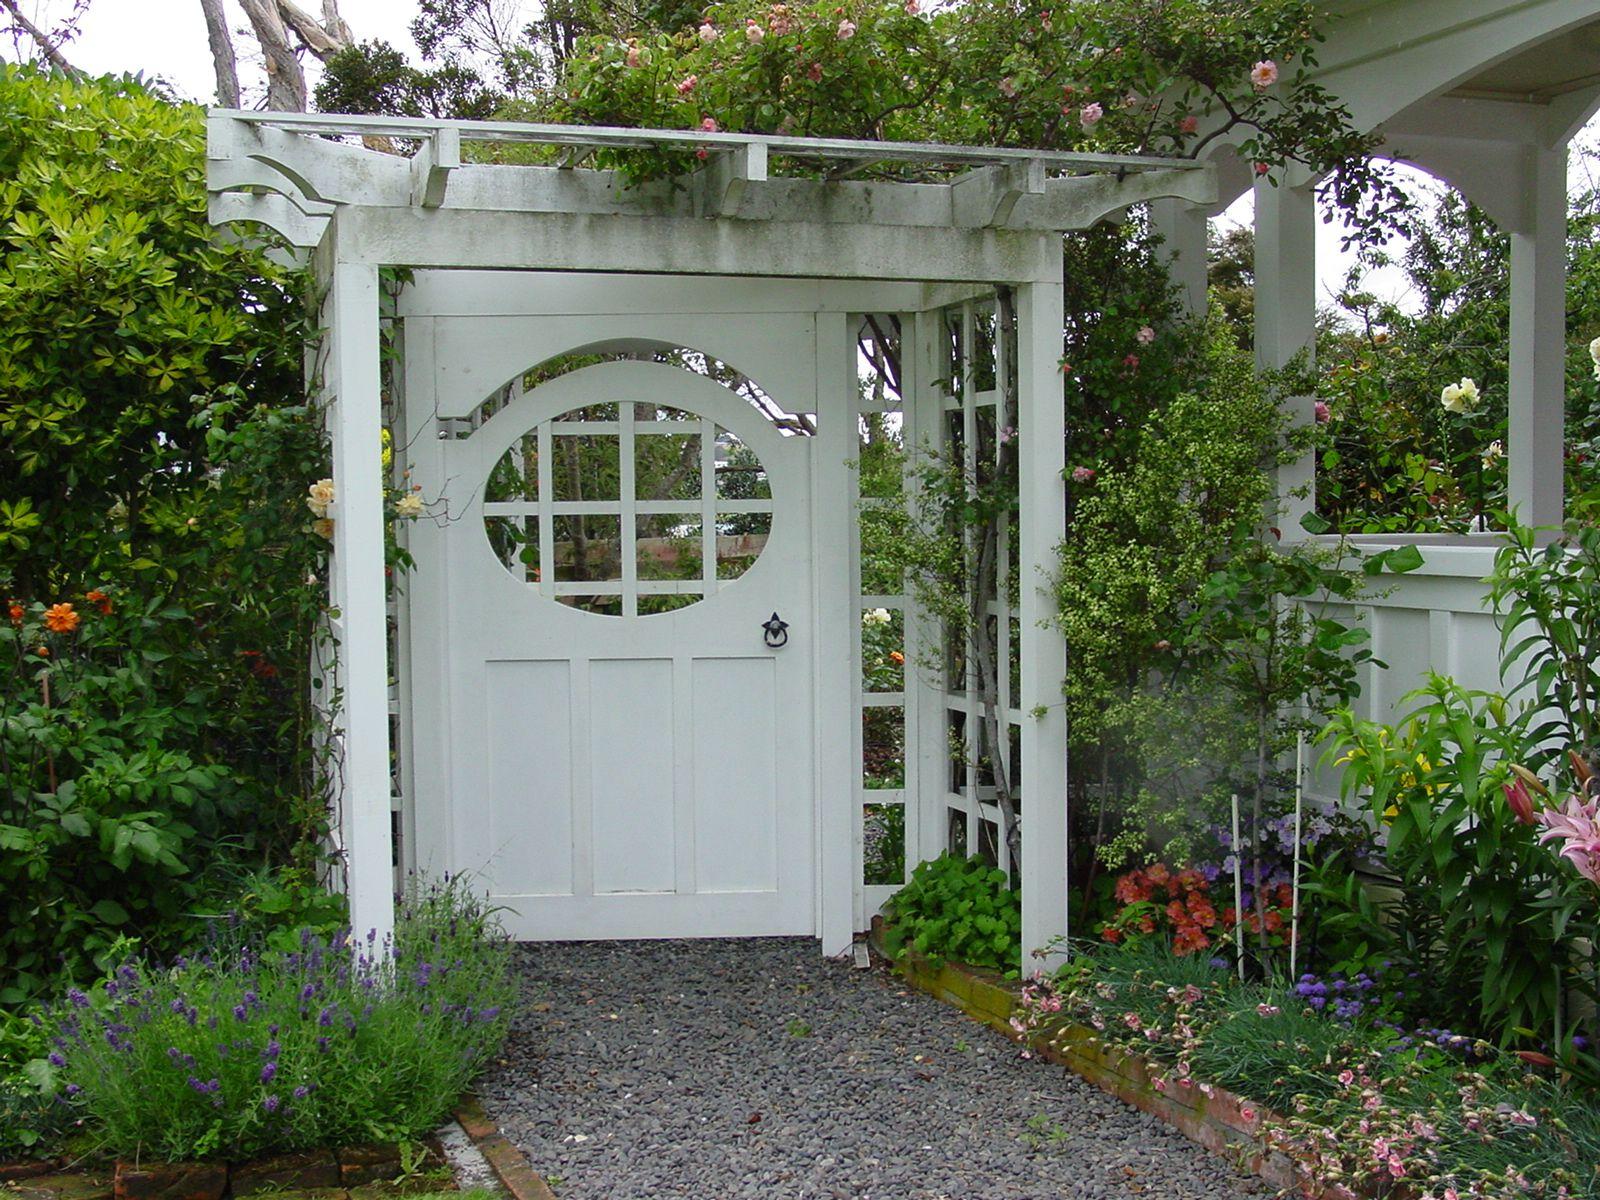 House u gardening design ukus sustainable design approach garden